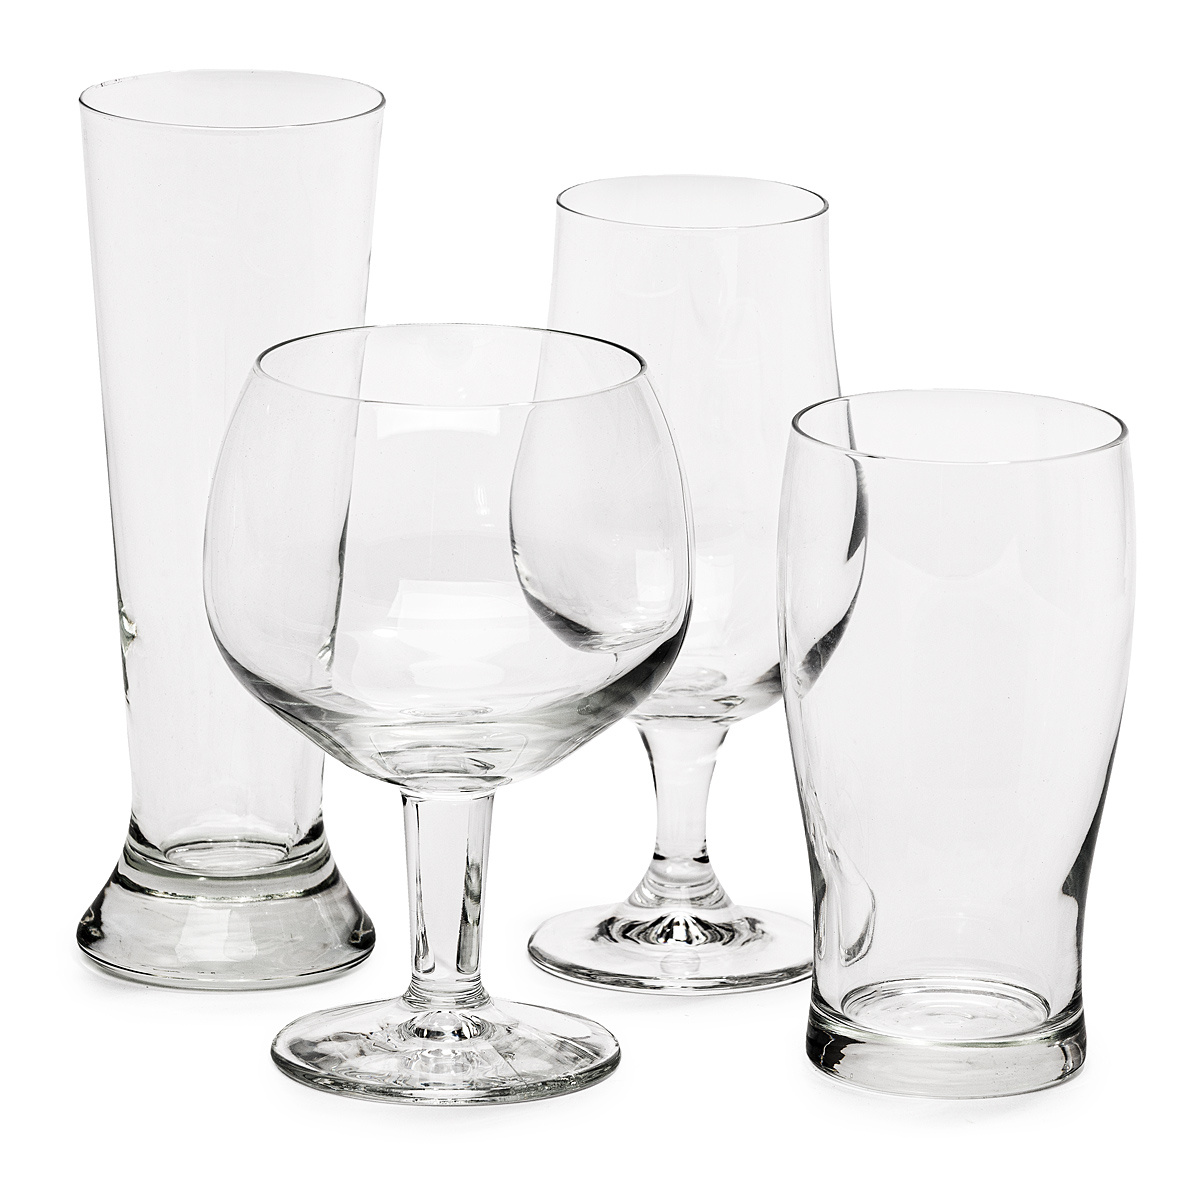 Koopman Sada pivných pohárov, 4 ks